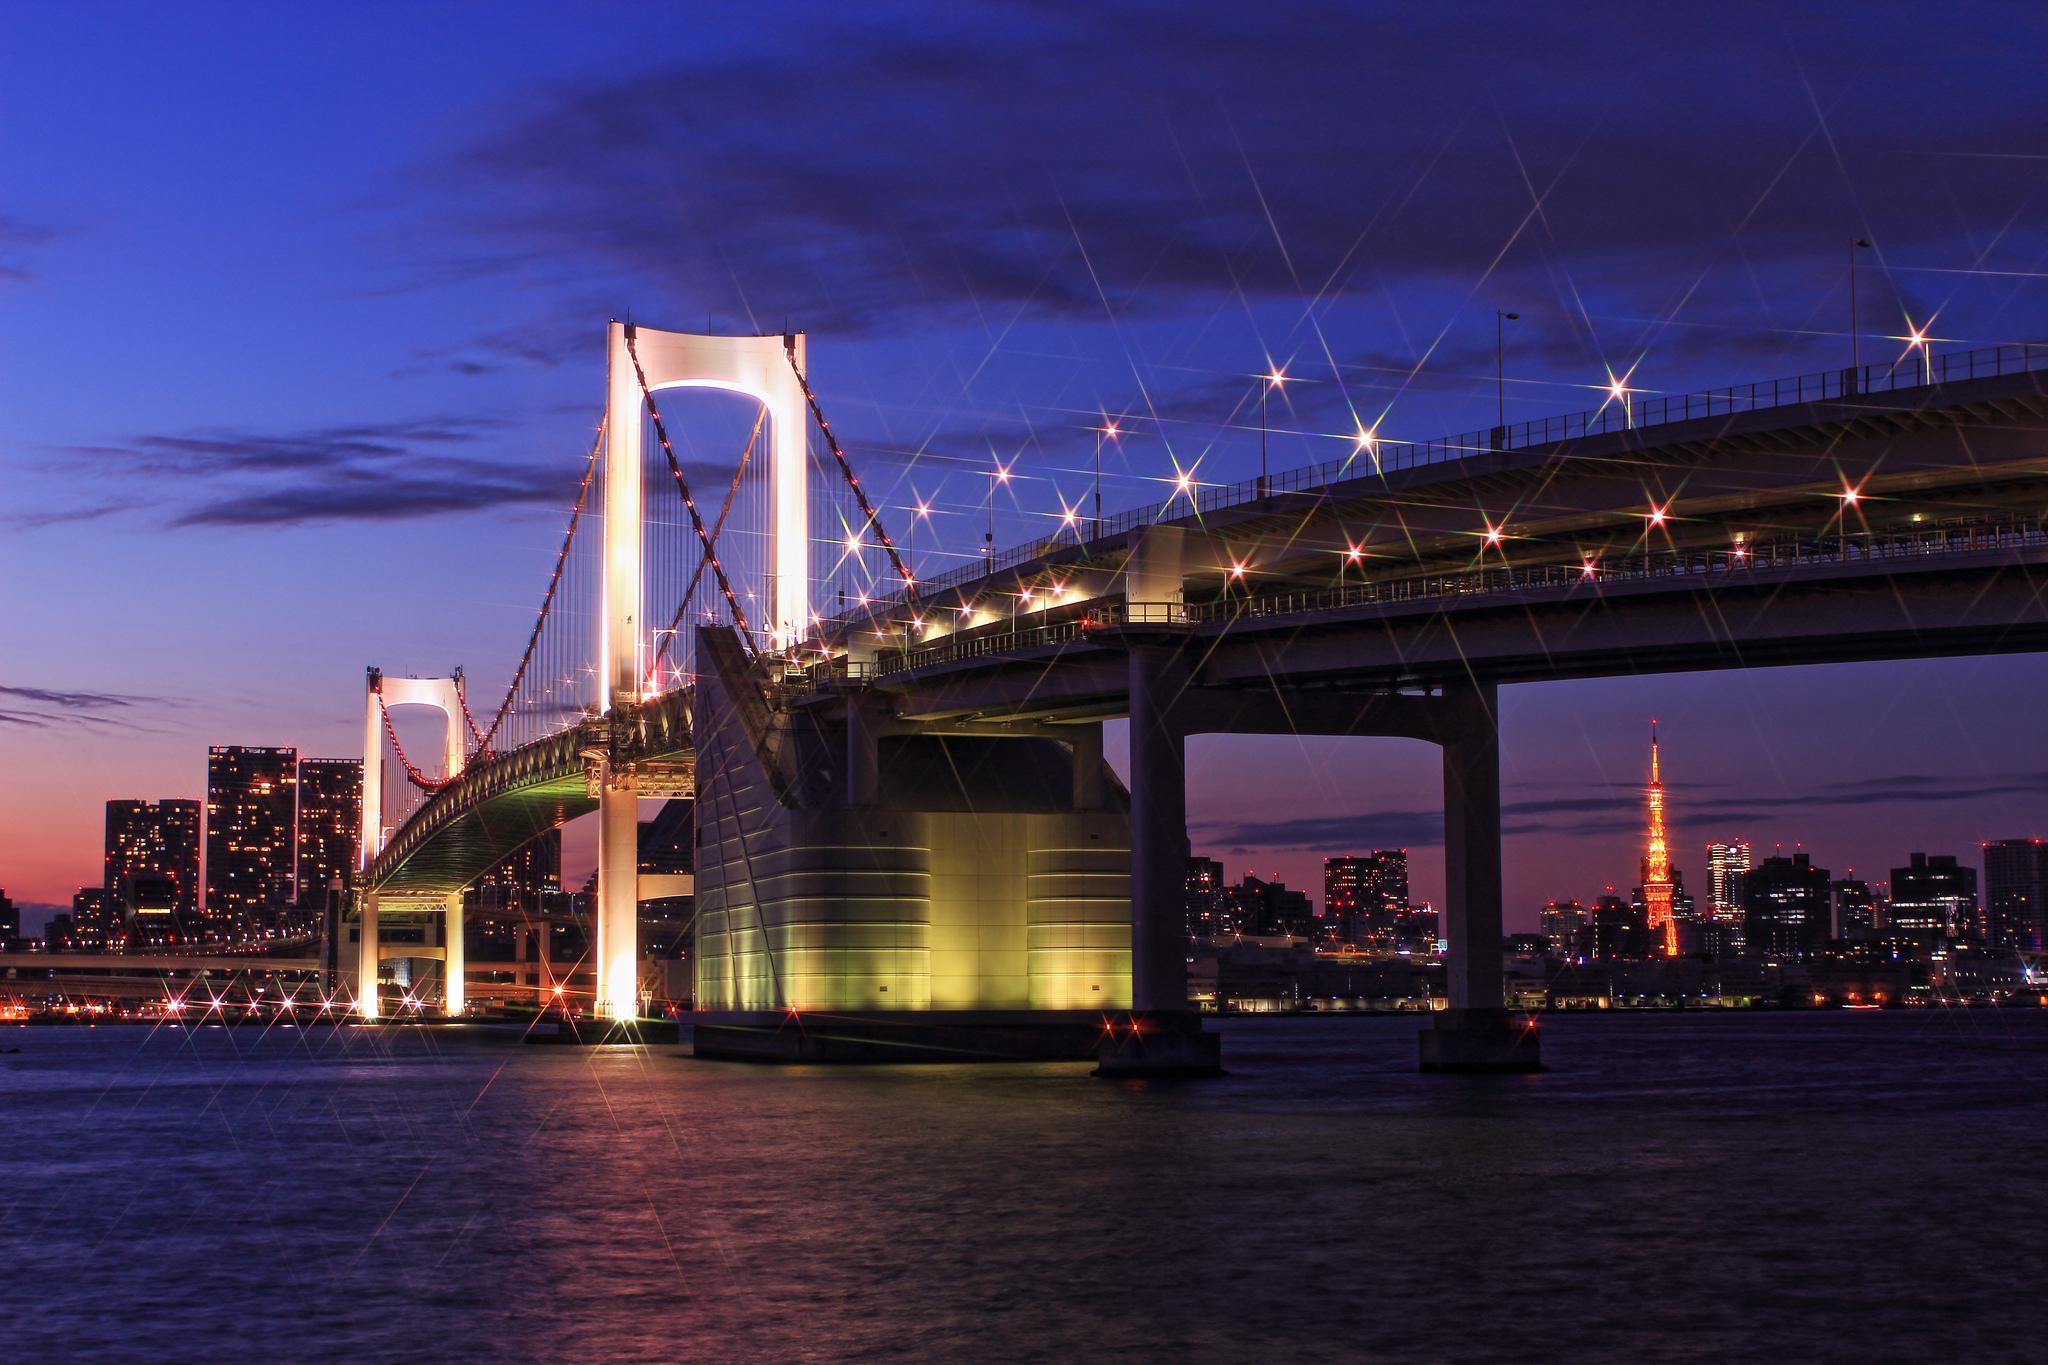 фиолетовые фонари над мостом без смс